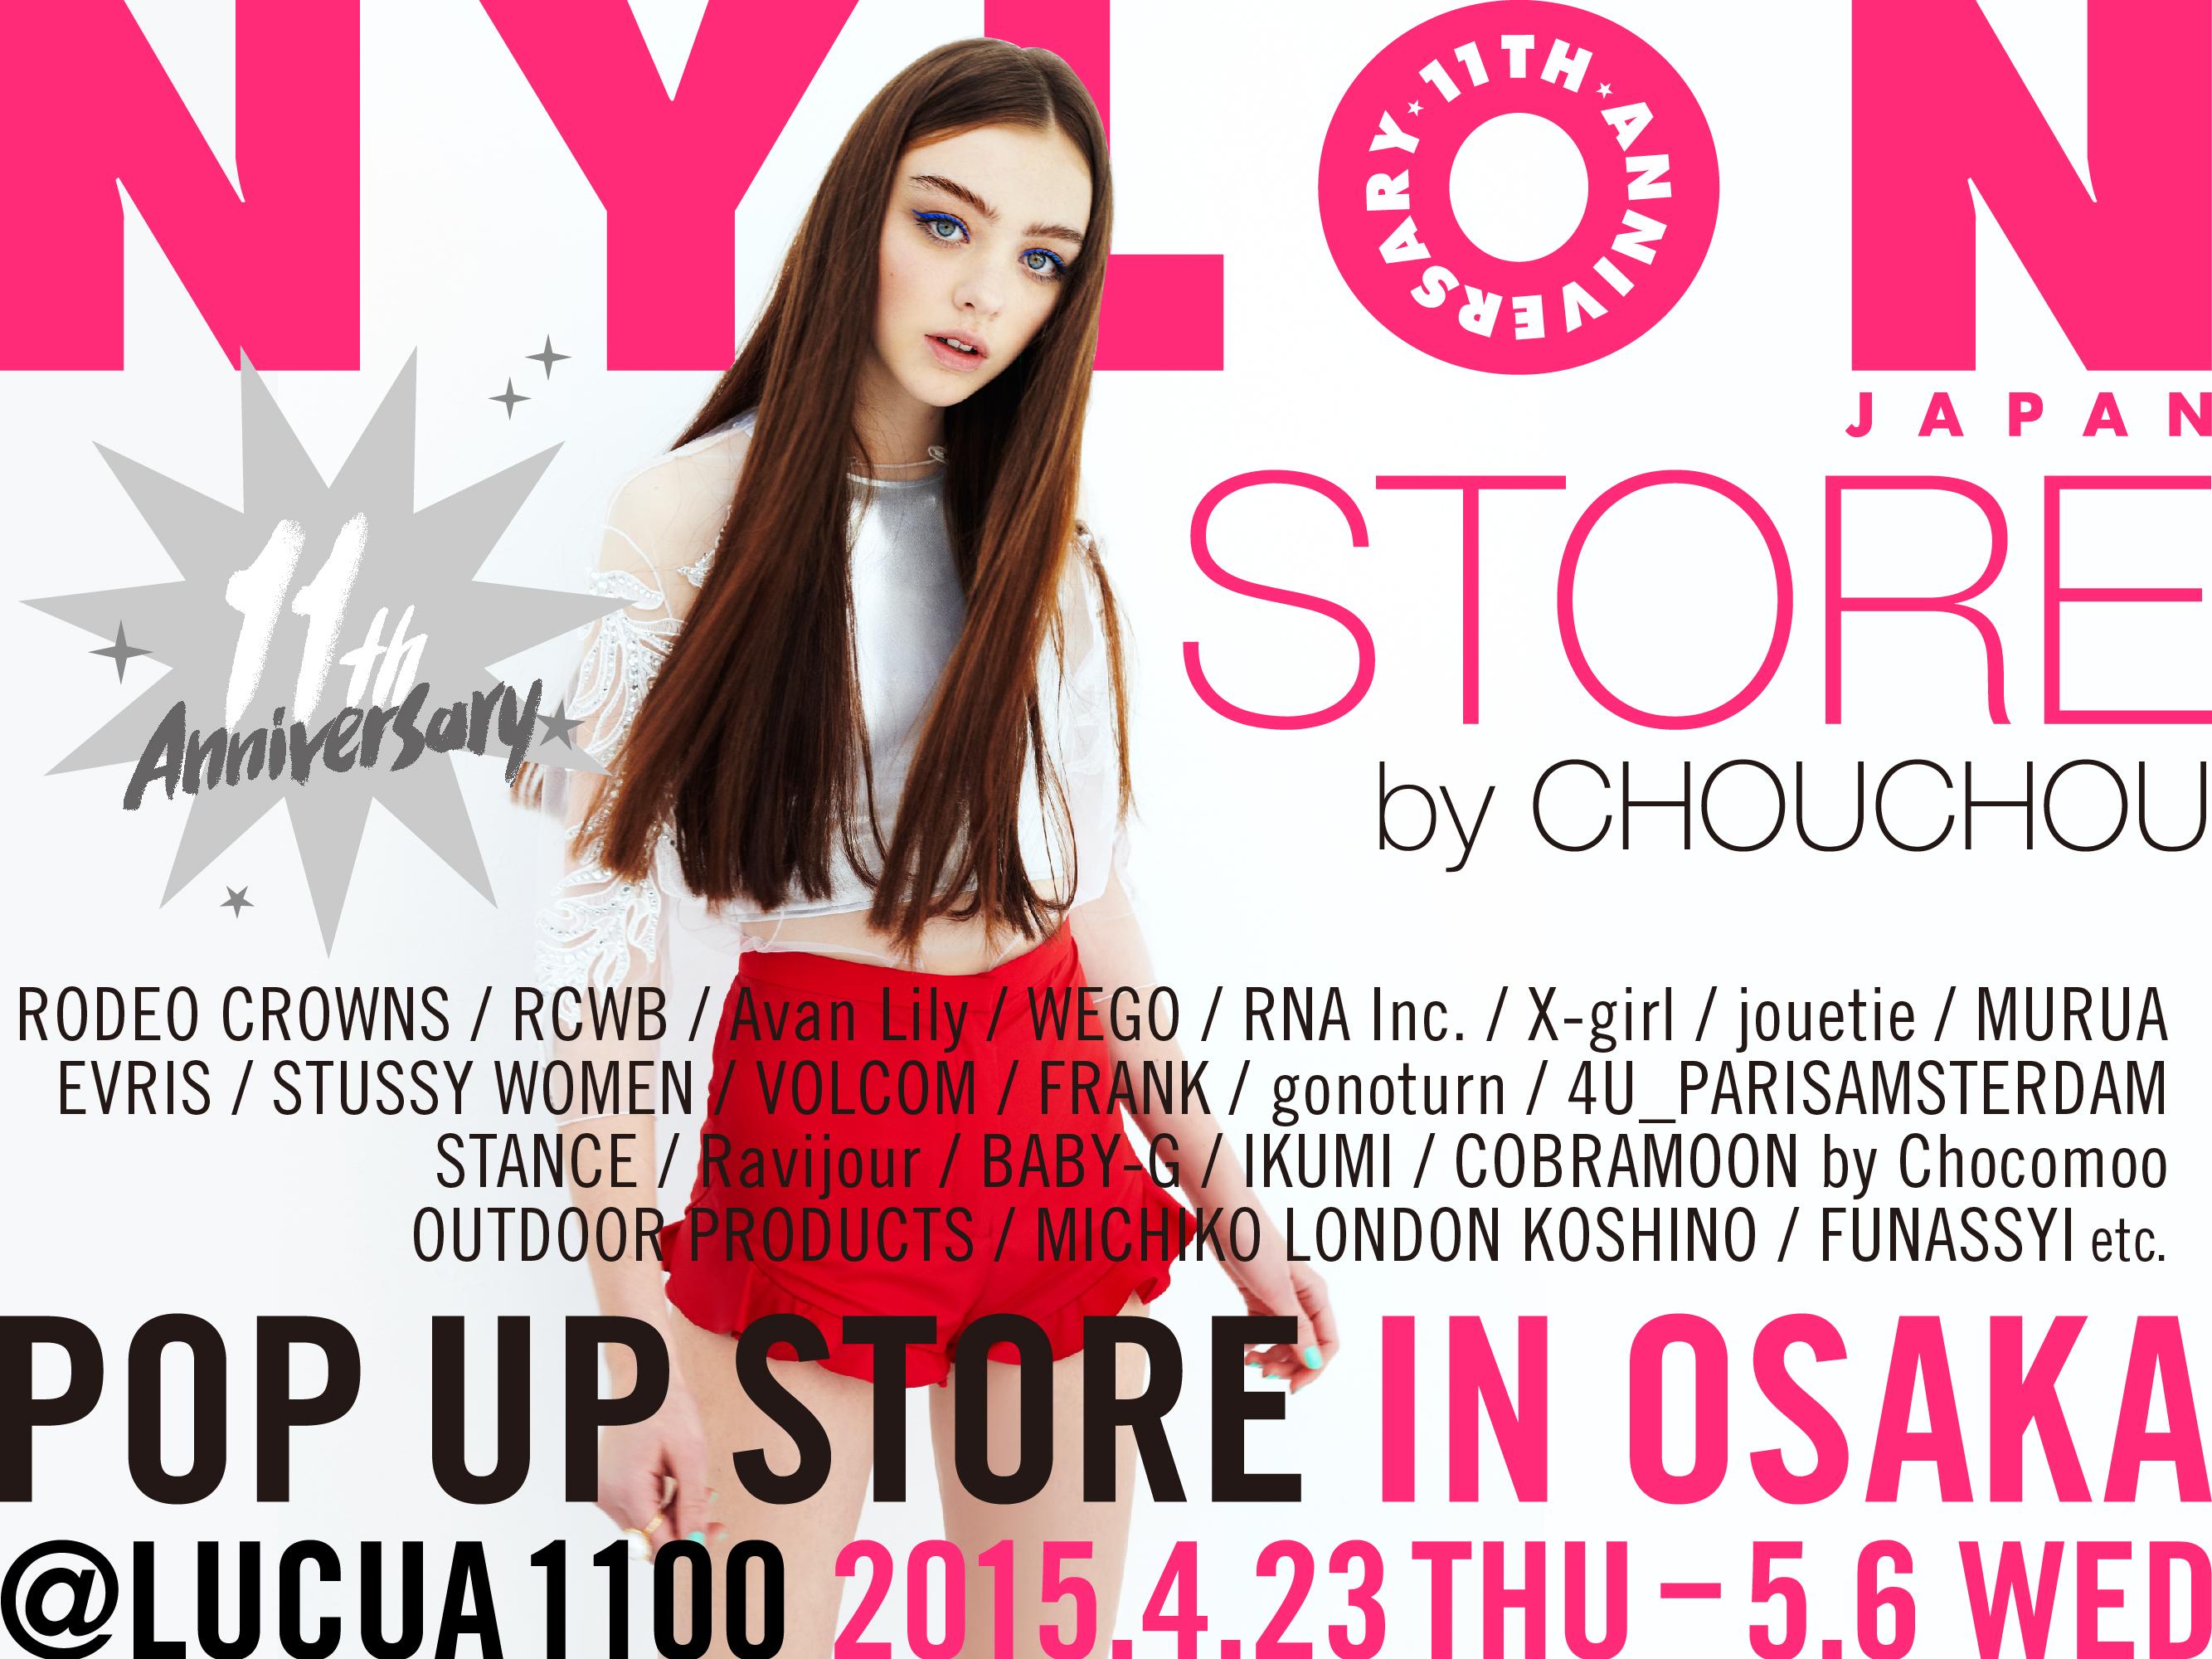 創刊11周年記念!! NYLON STORE by CHOUCHOUが大阪に4/23(木)より期間限定オープン!